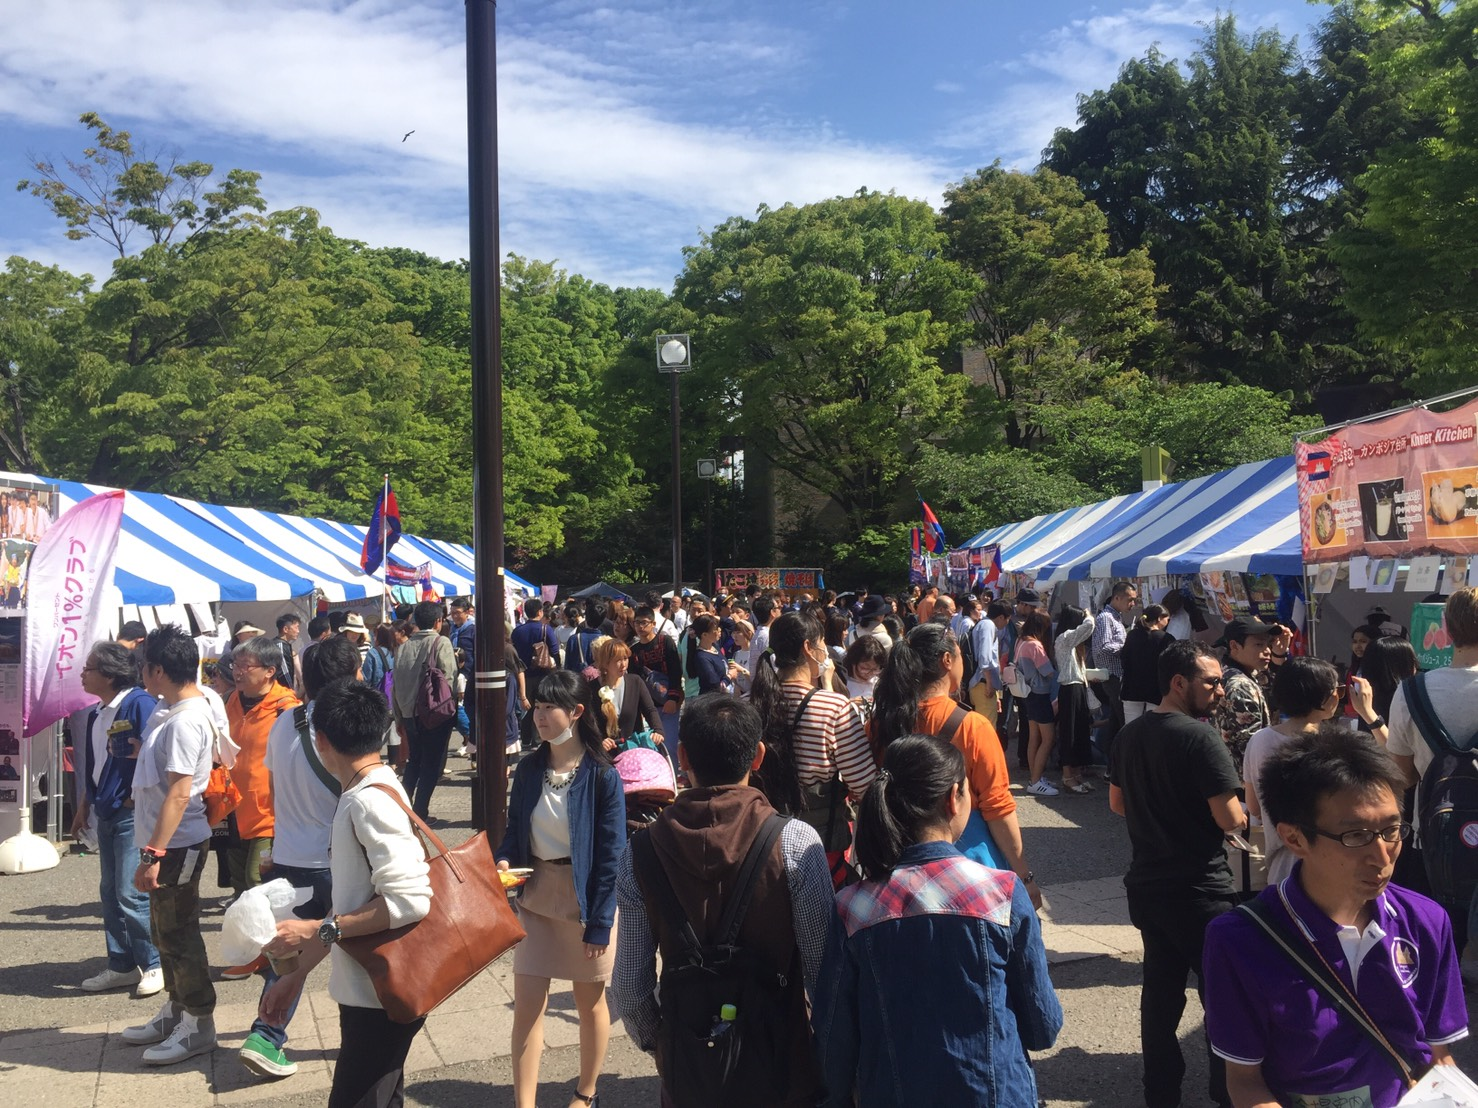 【今年も開催!】カンボジアフェスティバル 2018 出店者募集のお知らせ